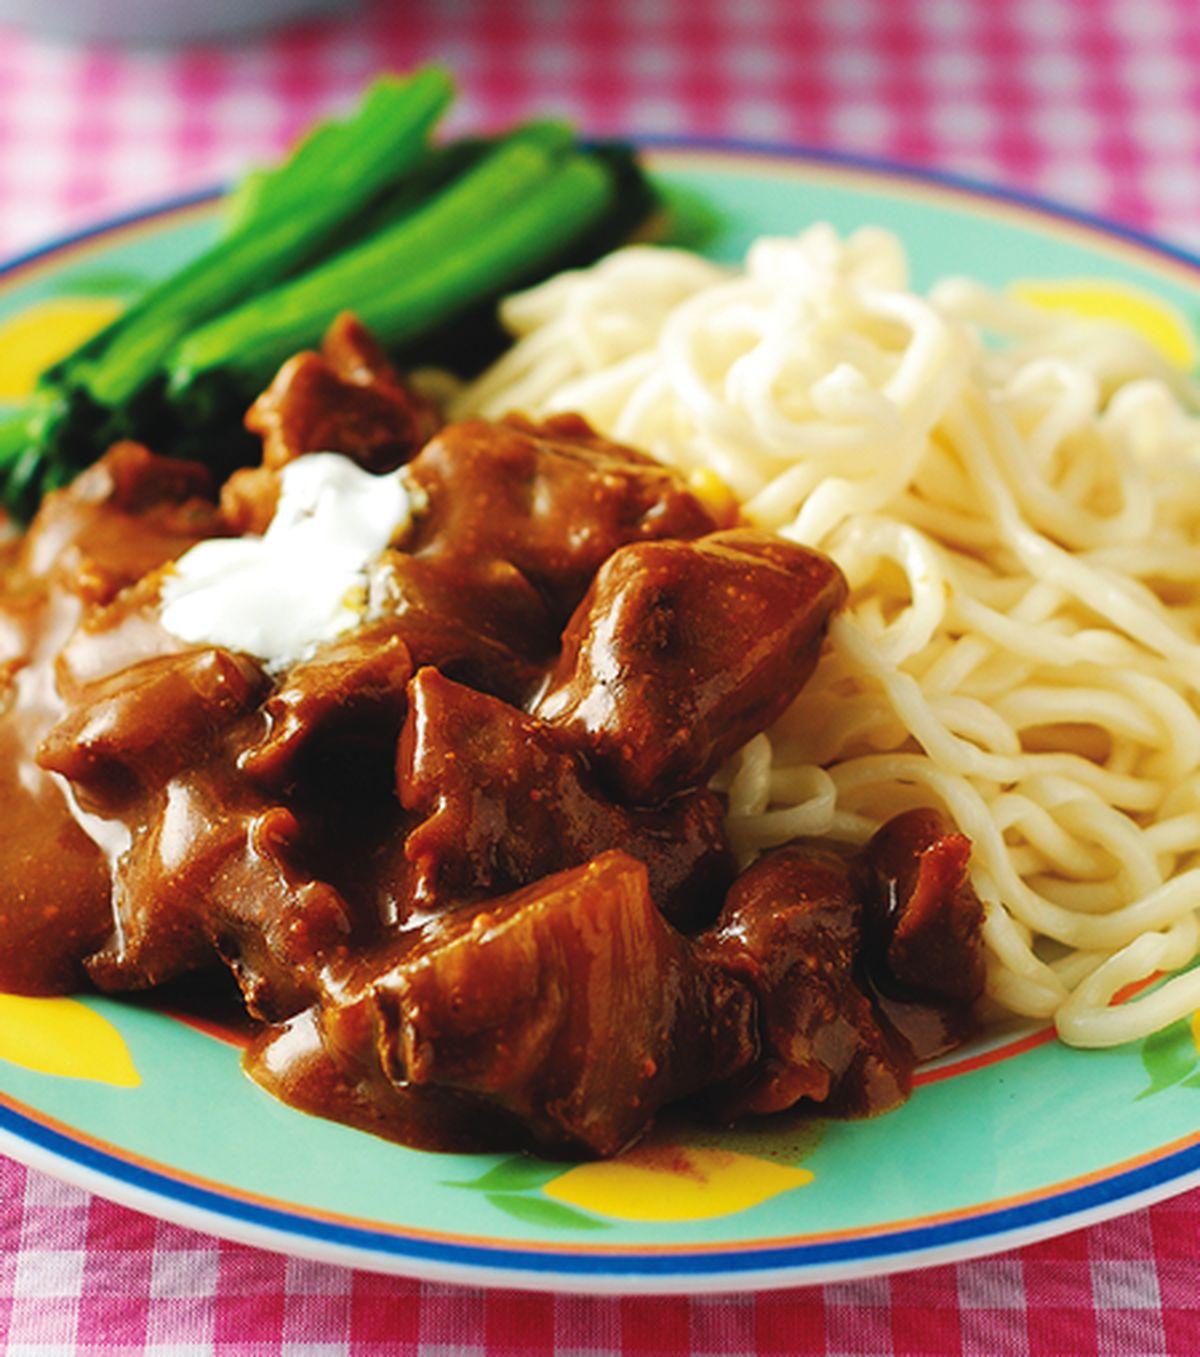 食譜:酸奶羊肉咖哩麵